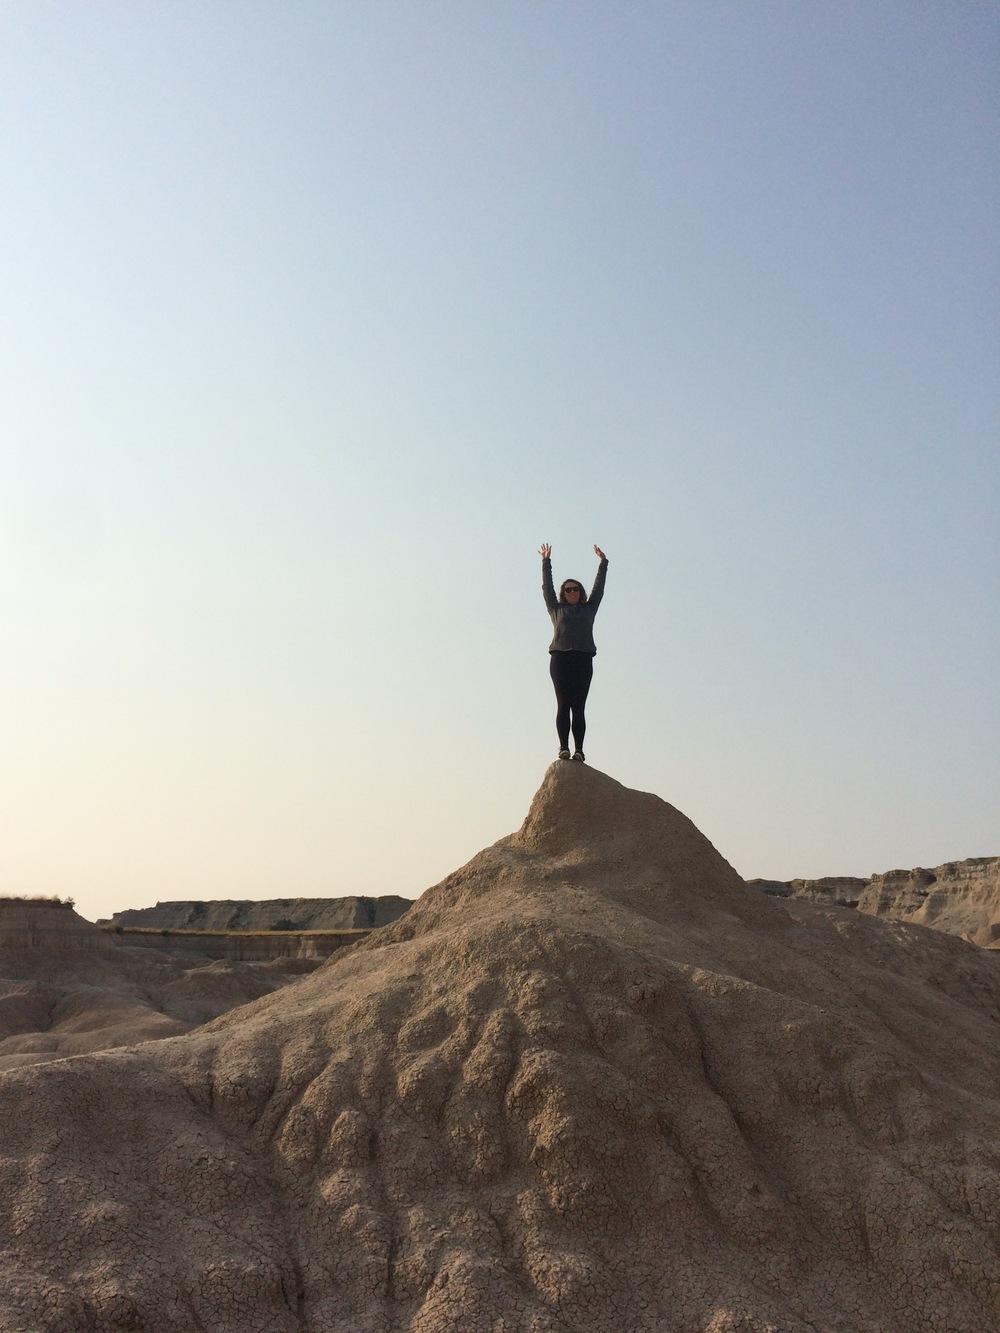 Climbin' rocks